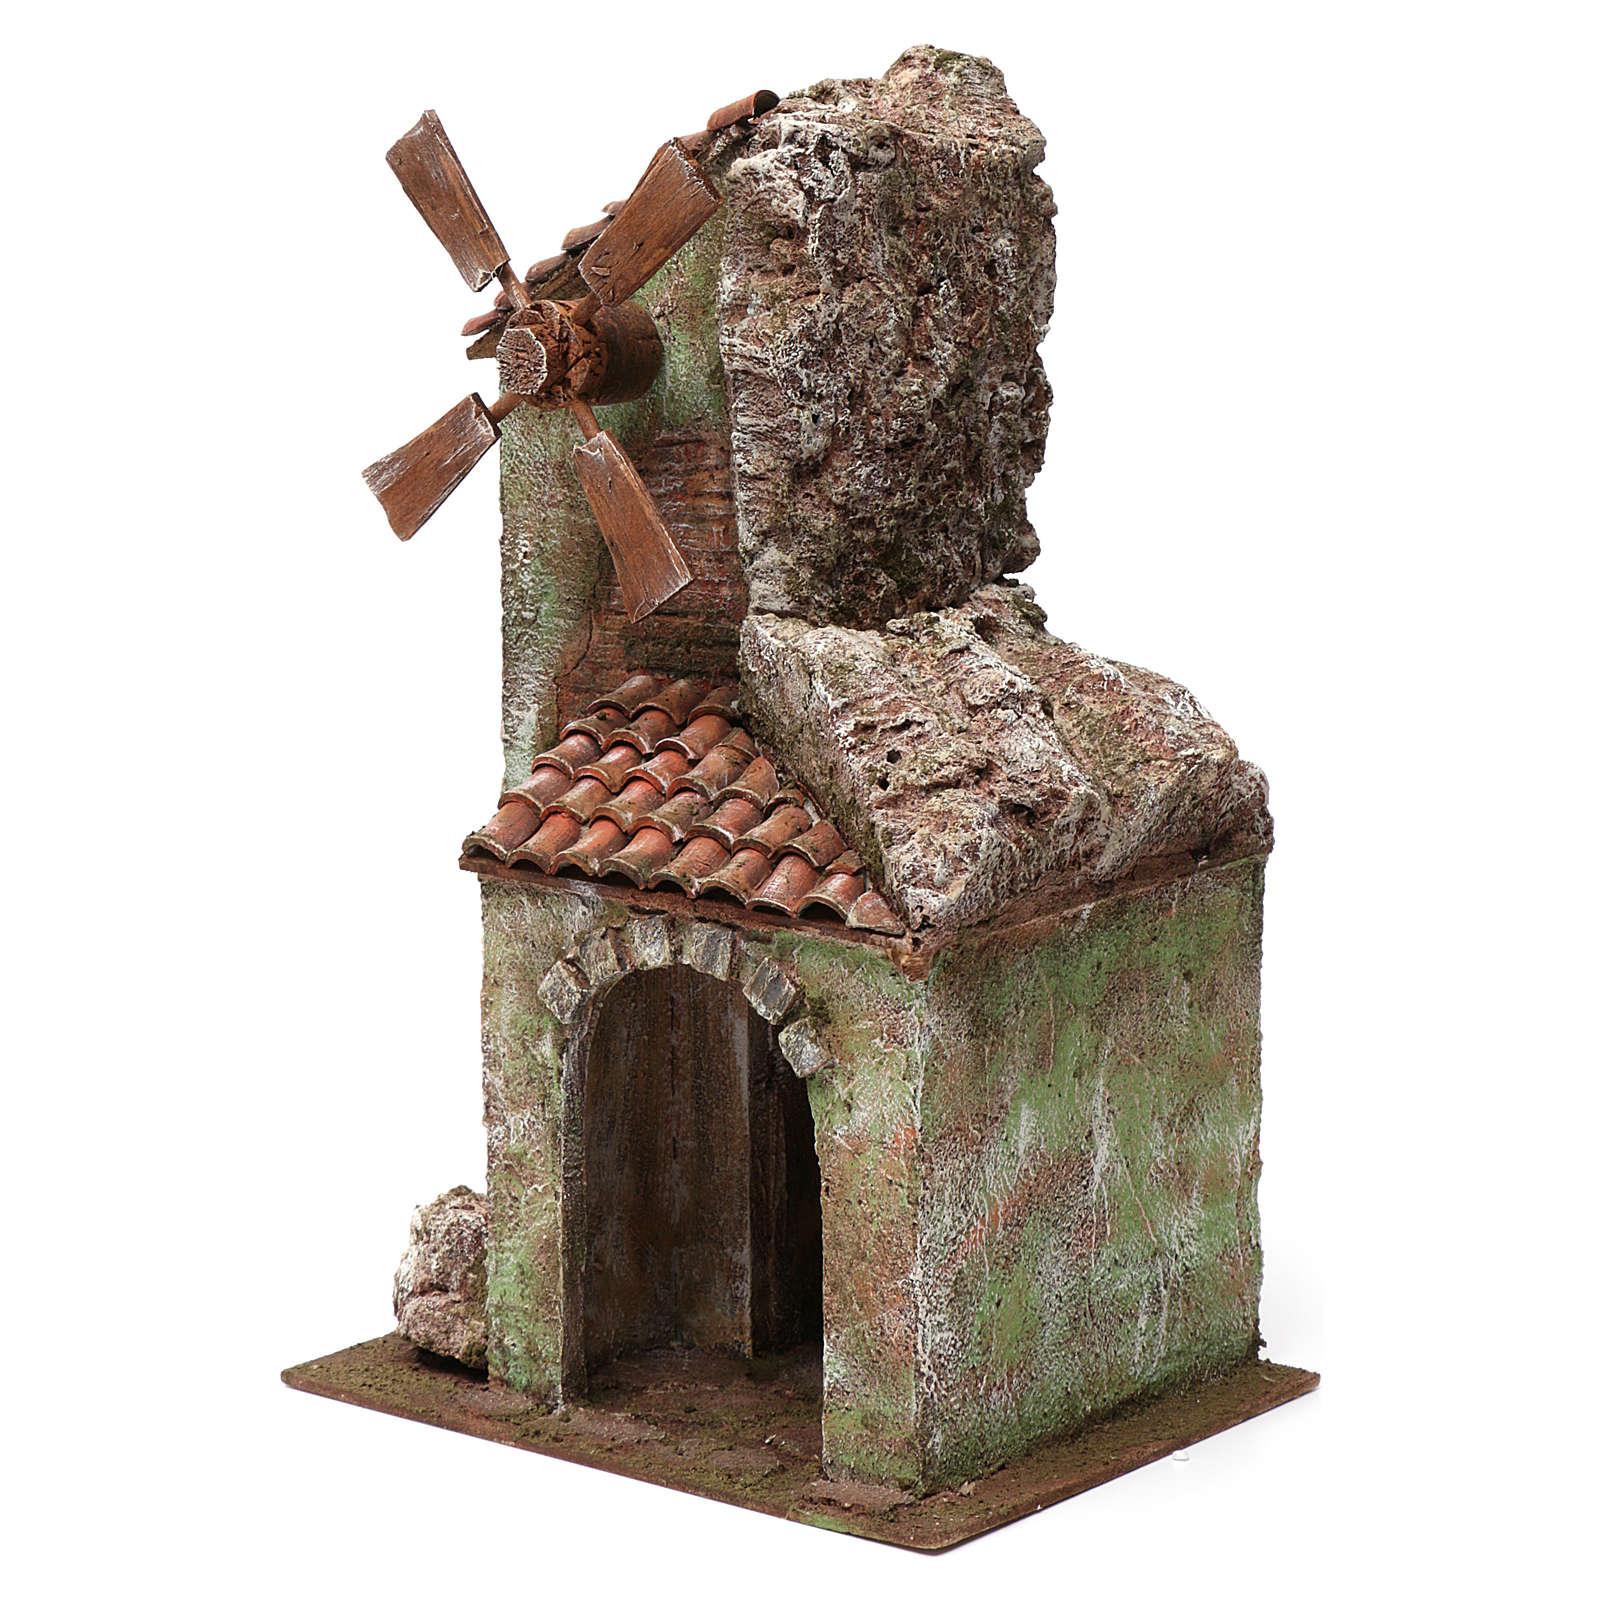 Moulin pour crèche quatre pales avec arc et montagne toit en tuiles 45x20x25 cm 4